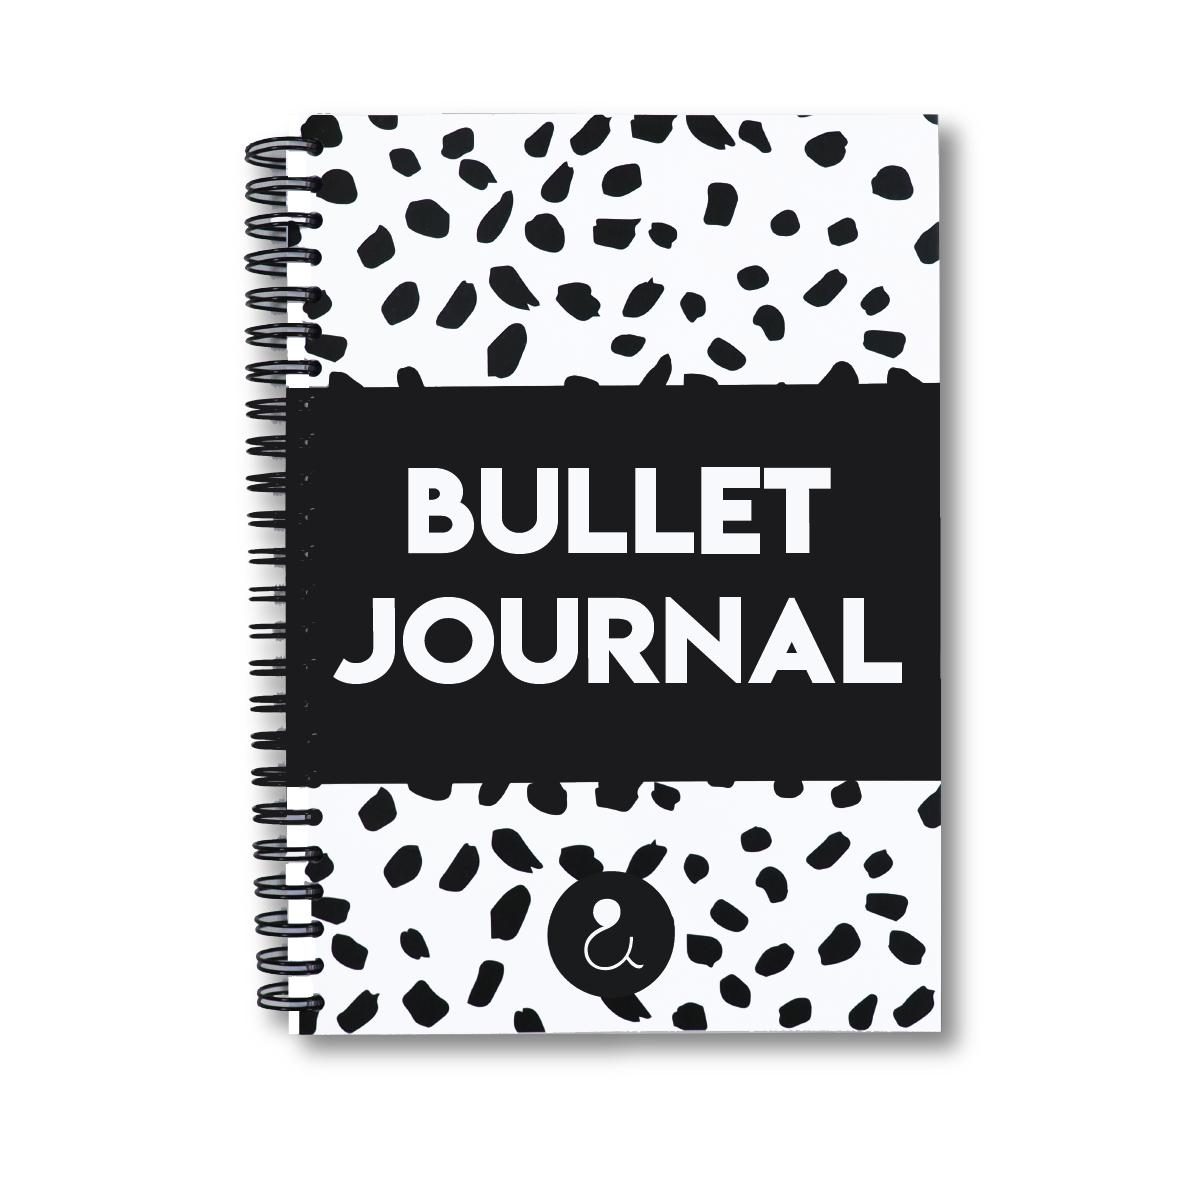 Bullet journal | monochrome